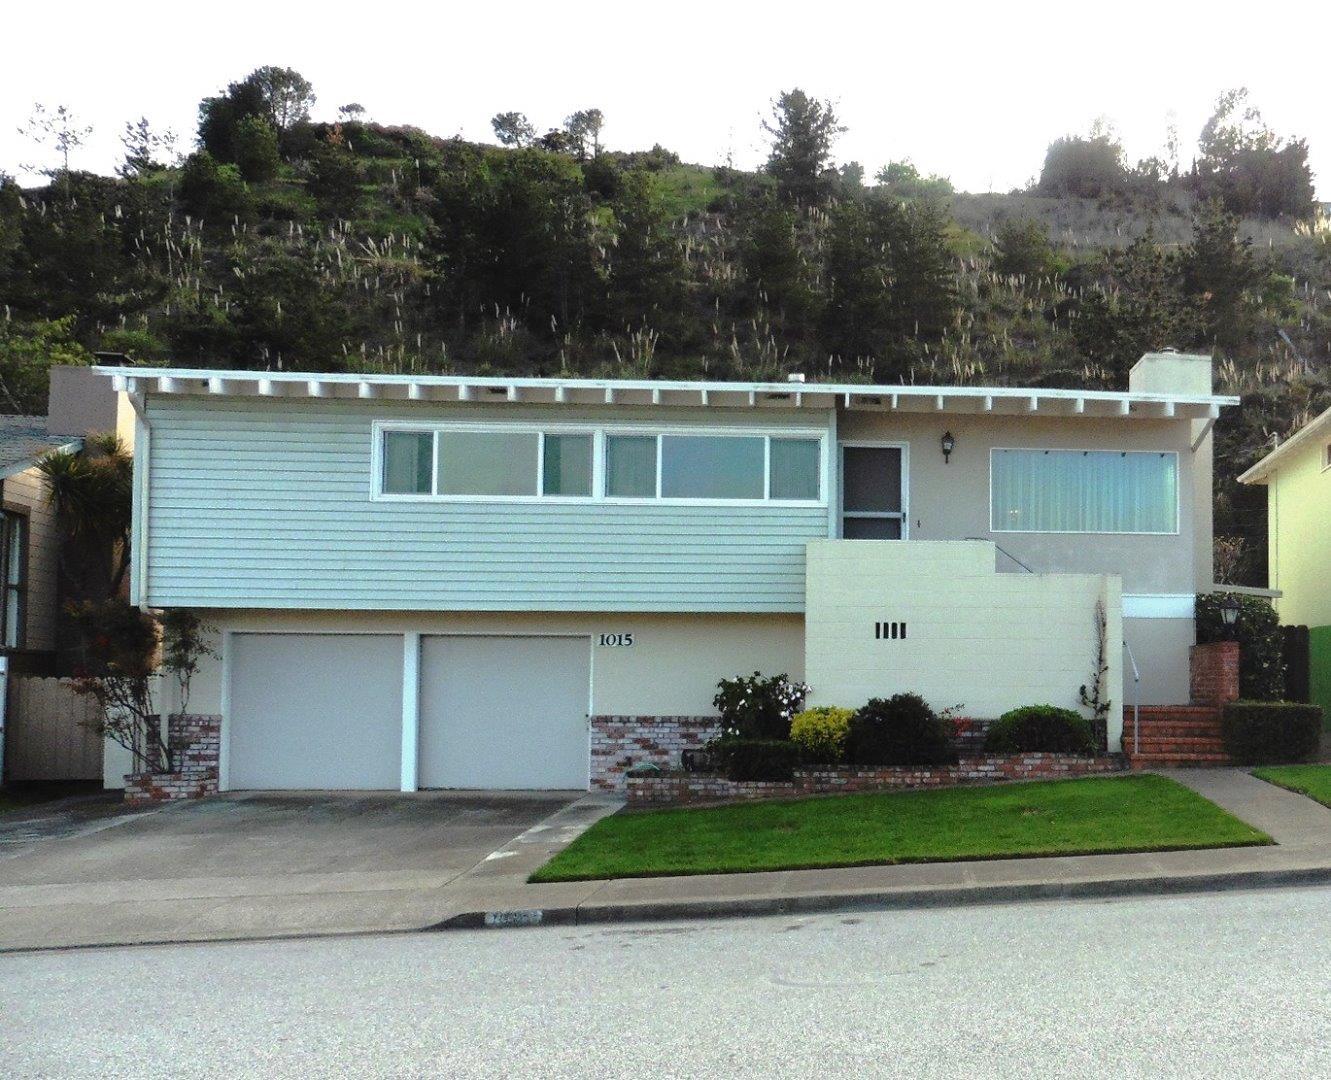 1015 Pinehurst Court, Millbrae, CA 94030 $4,500 www.stephaniemasten ...